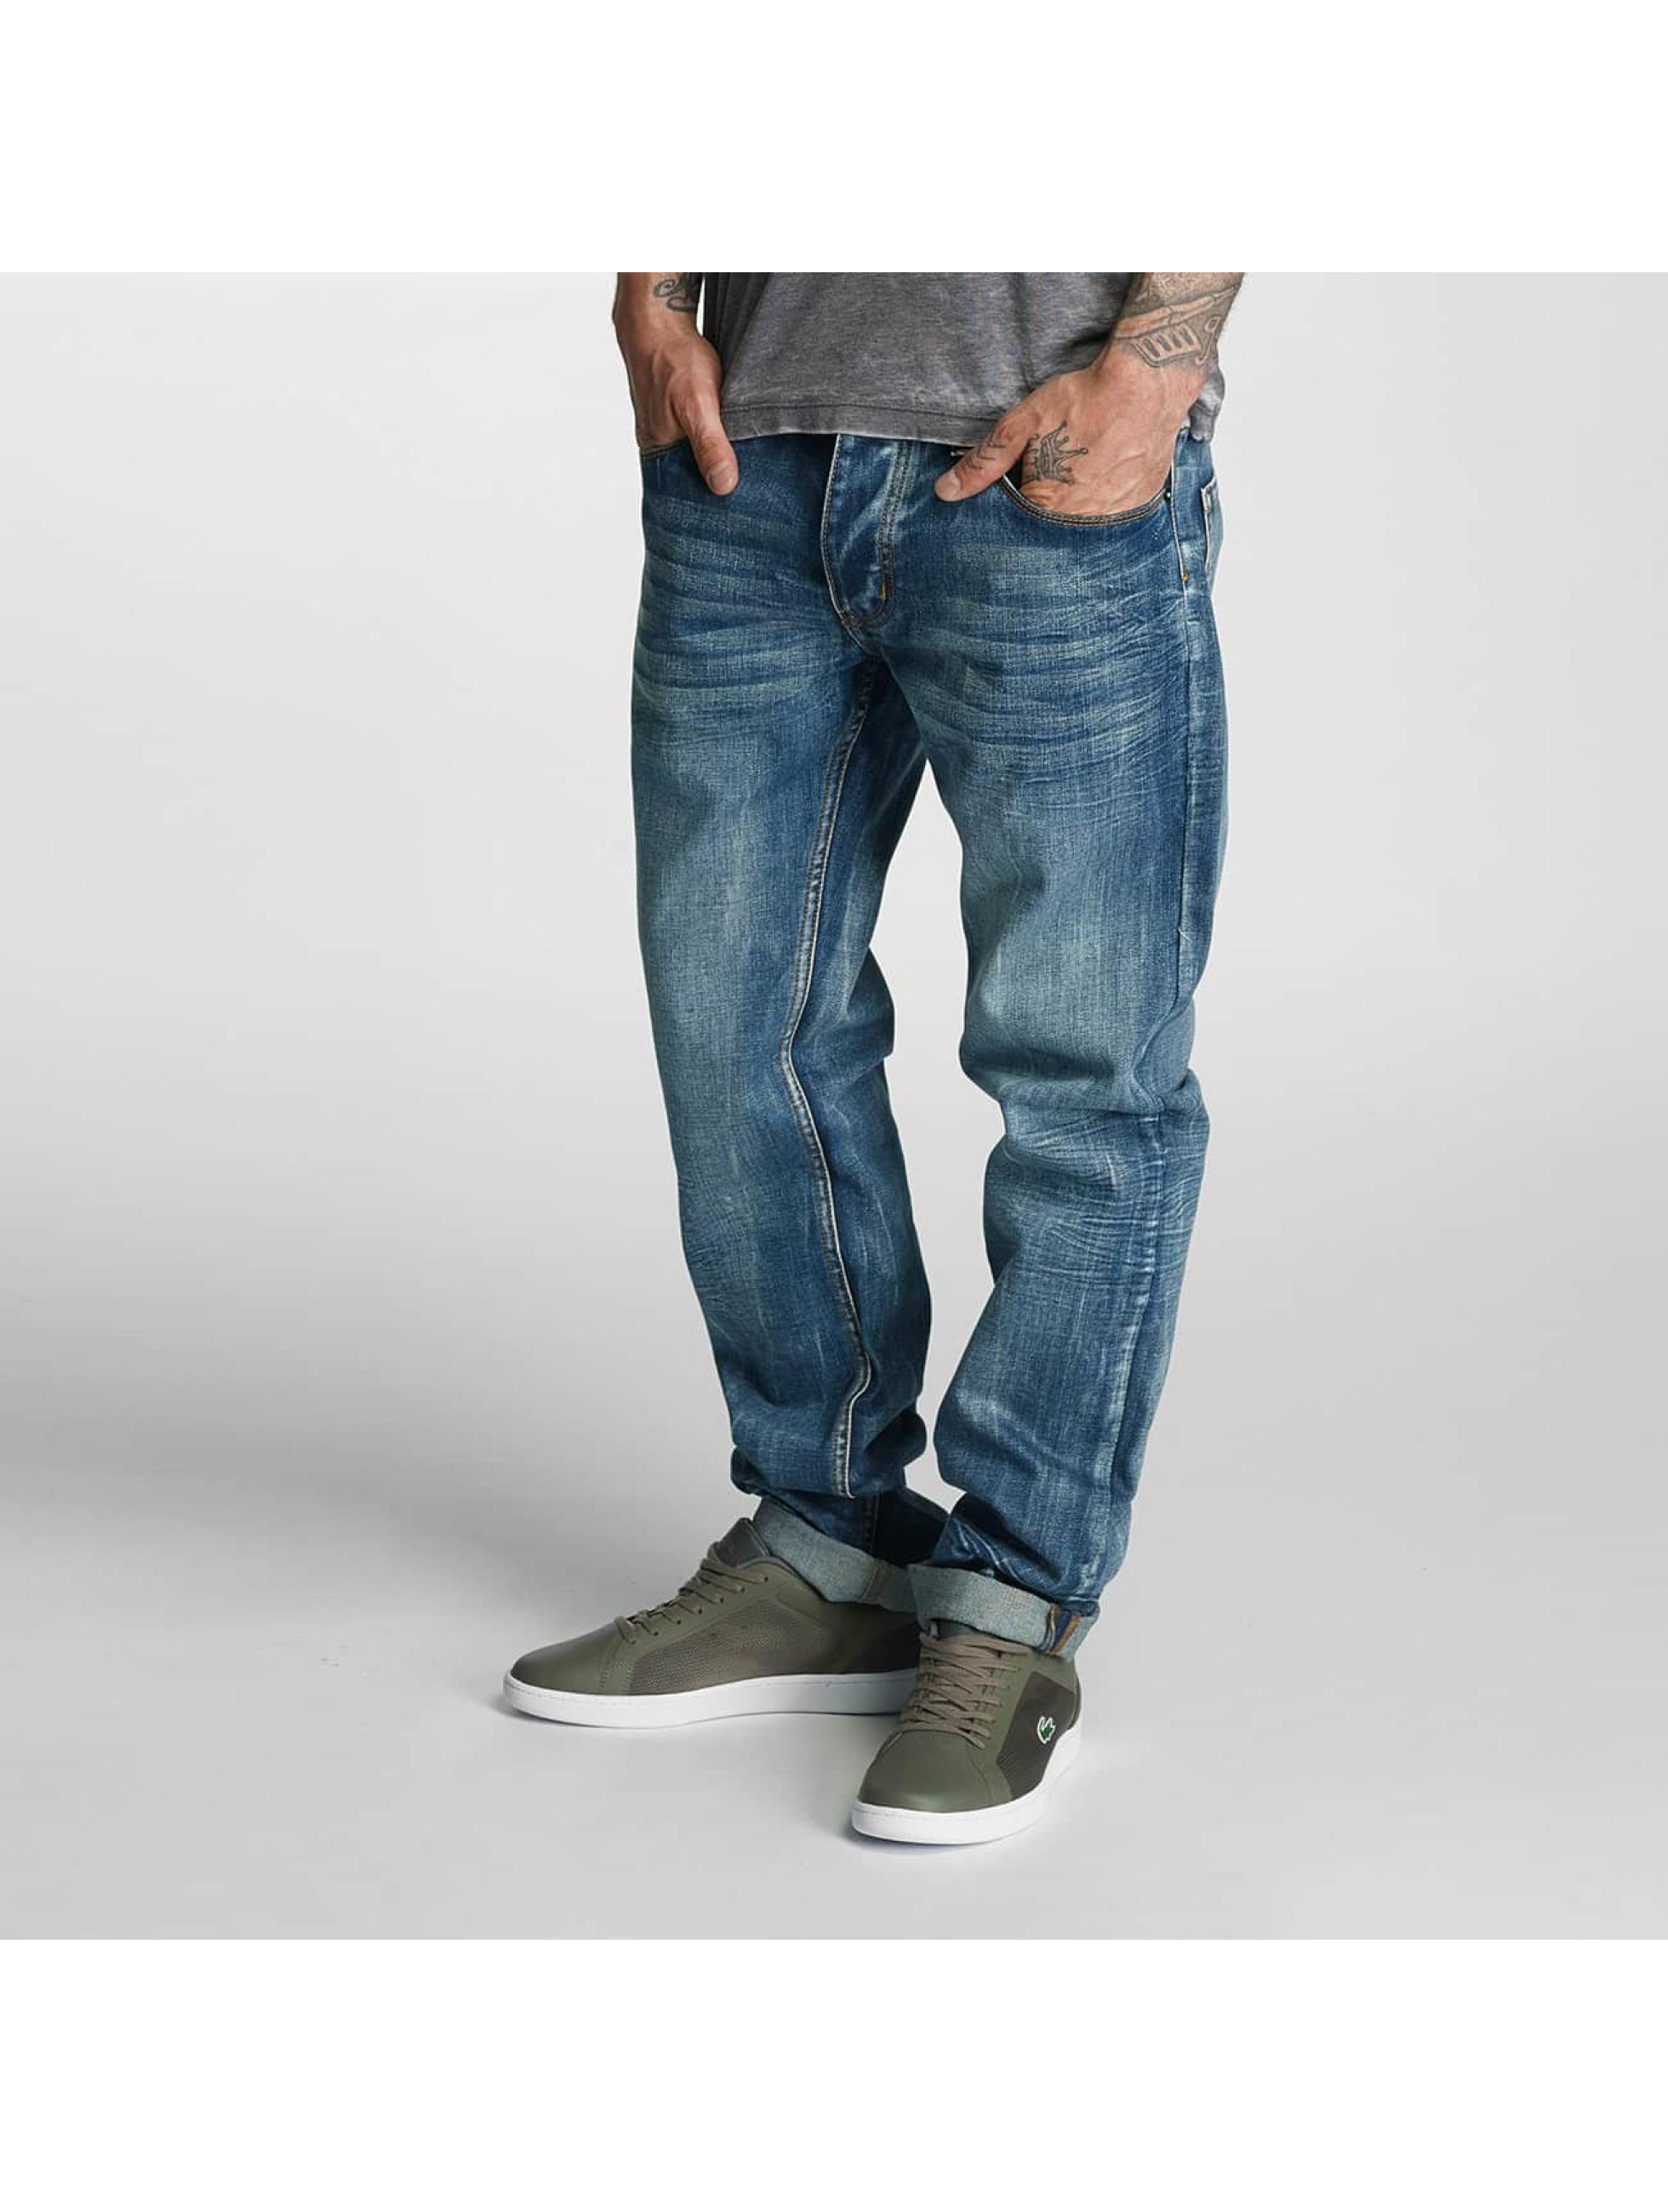 Rocawear Straight Fit farkut Relaxed Fit sininen